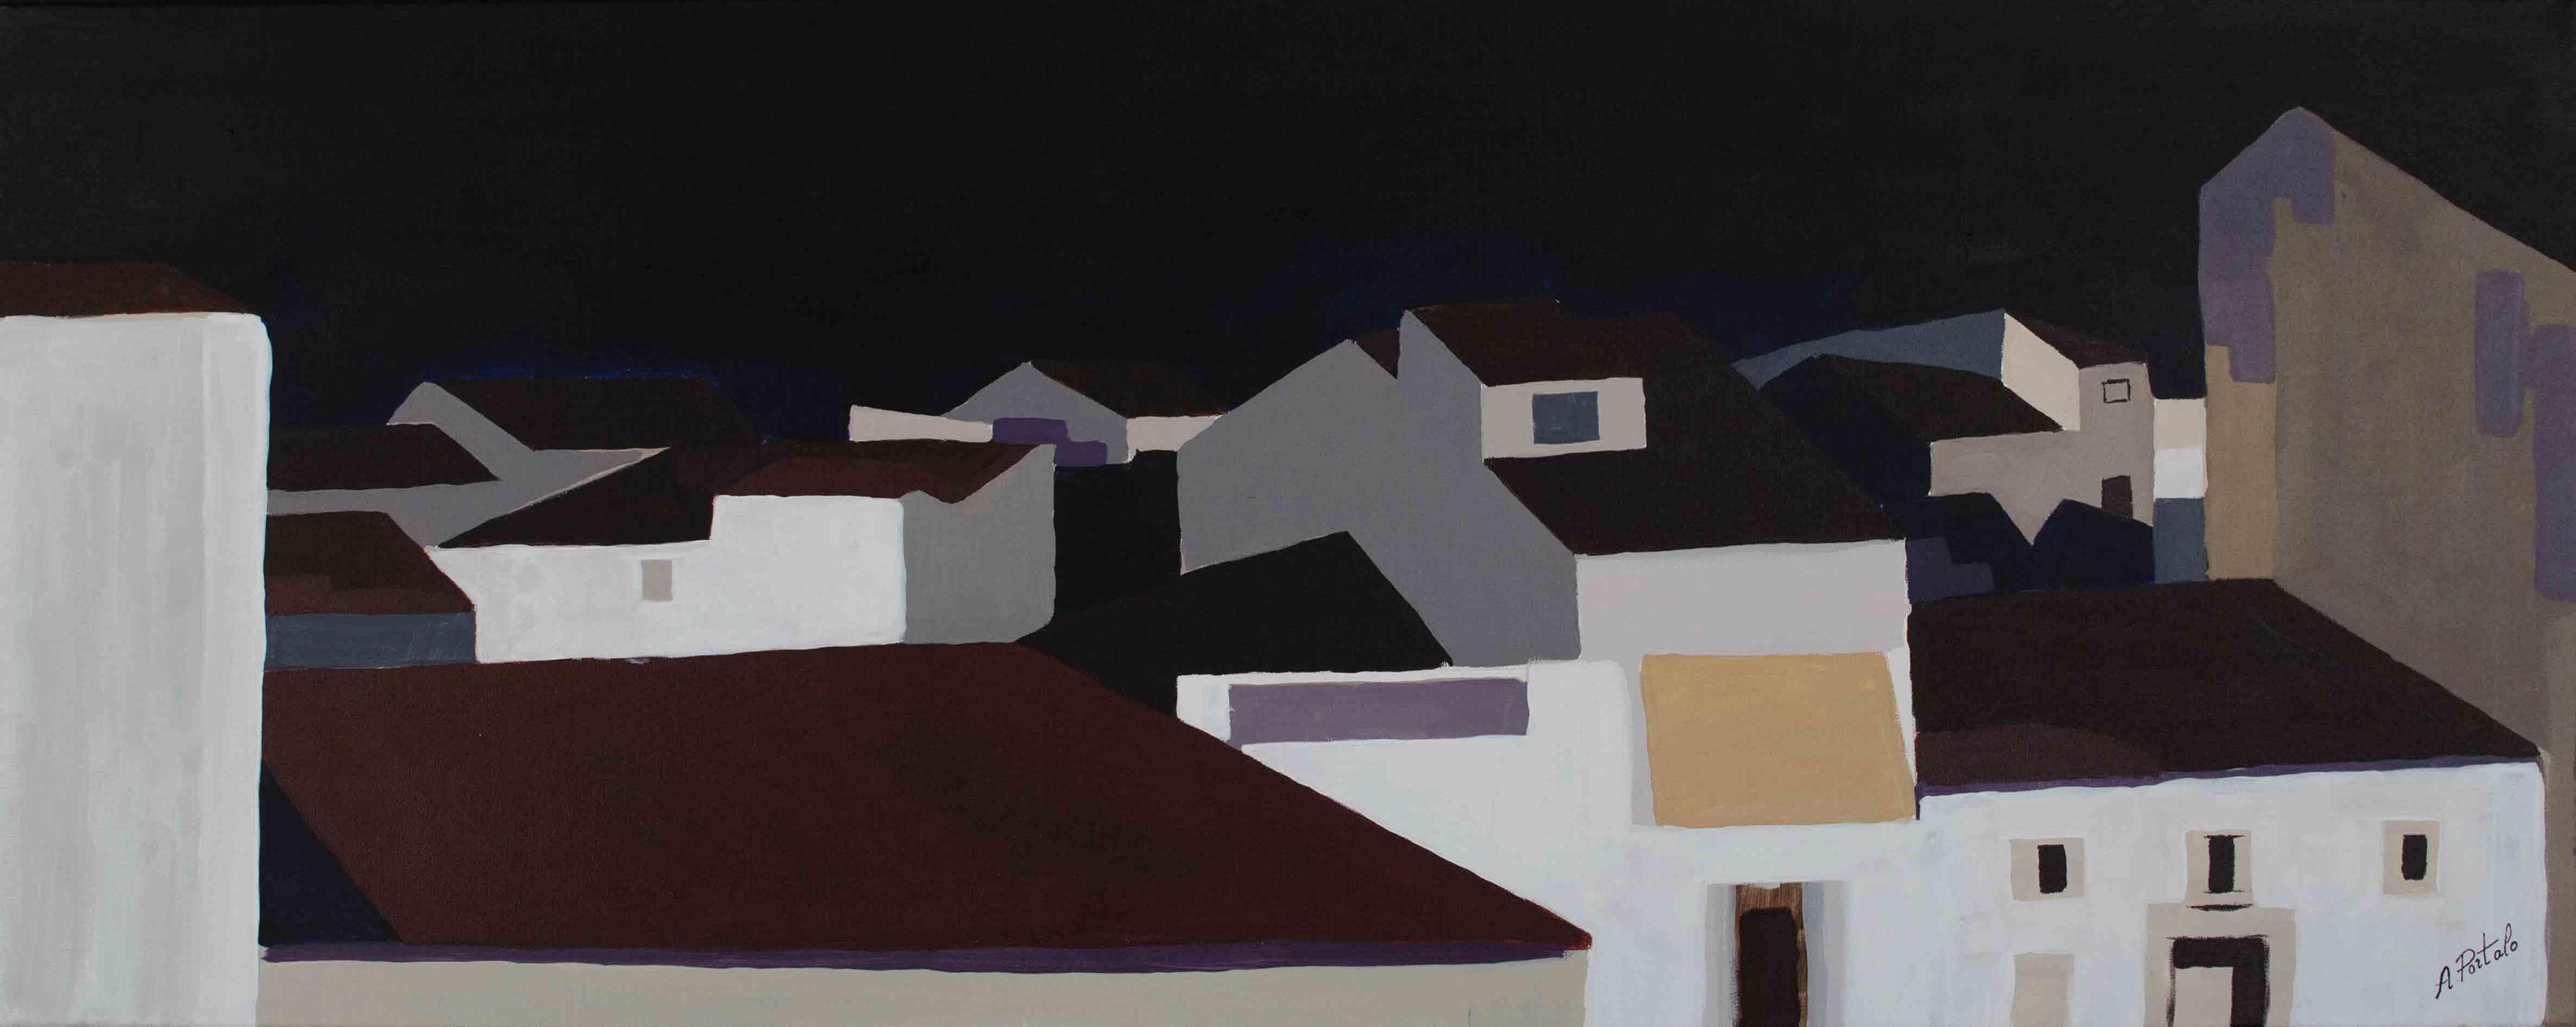 Noche en los tejados